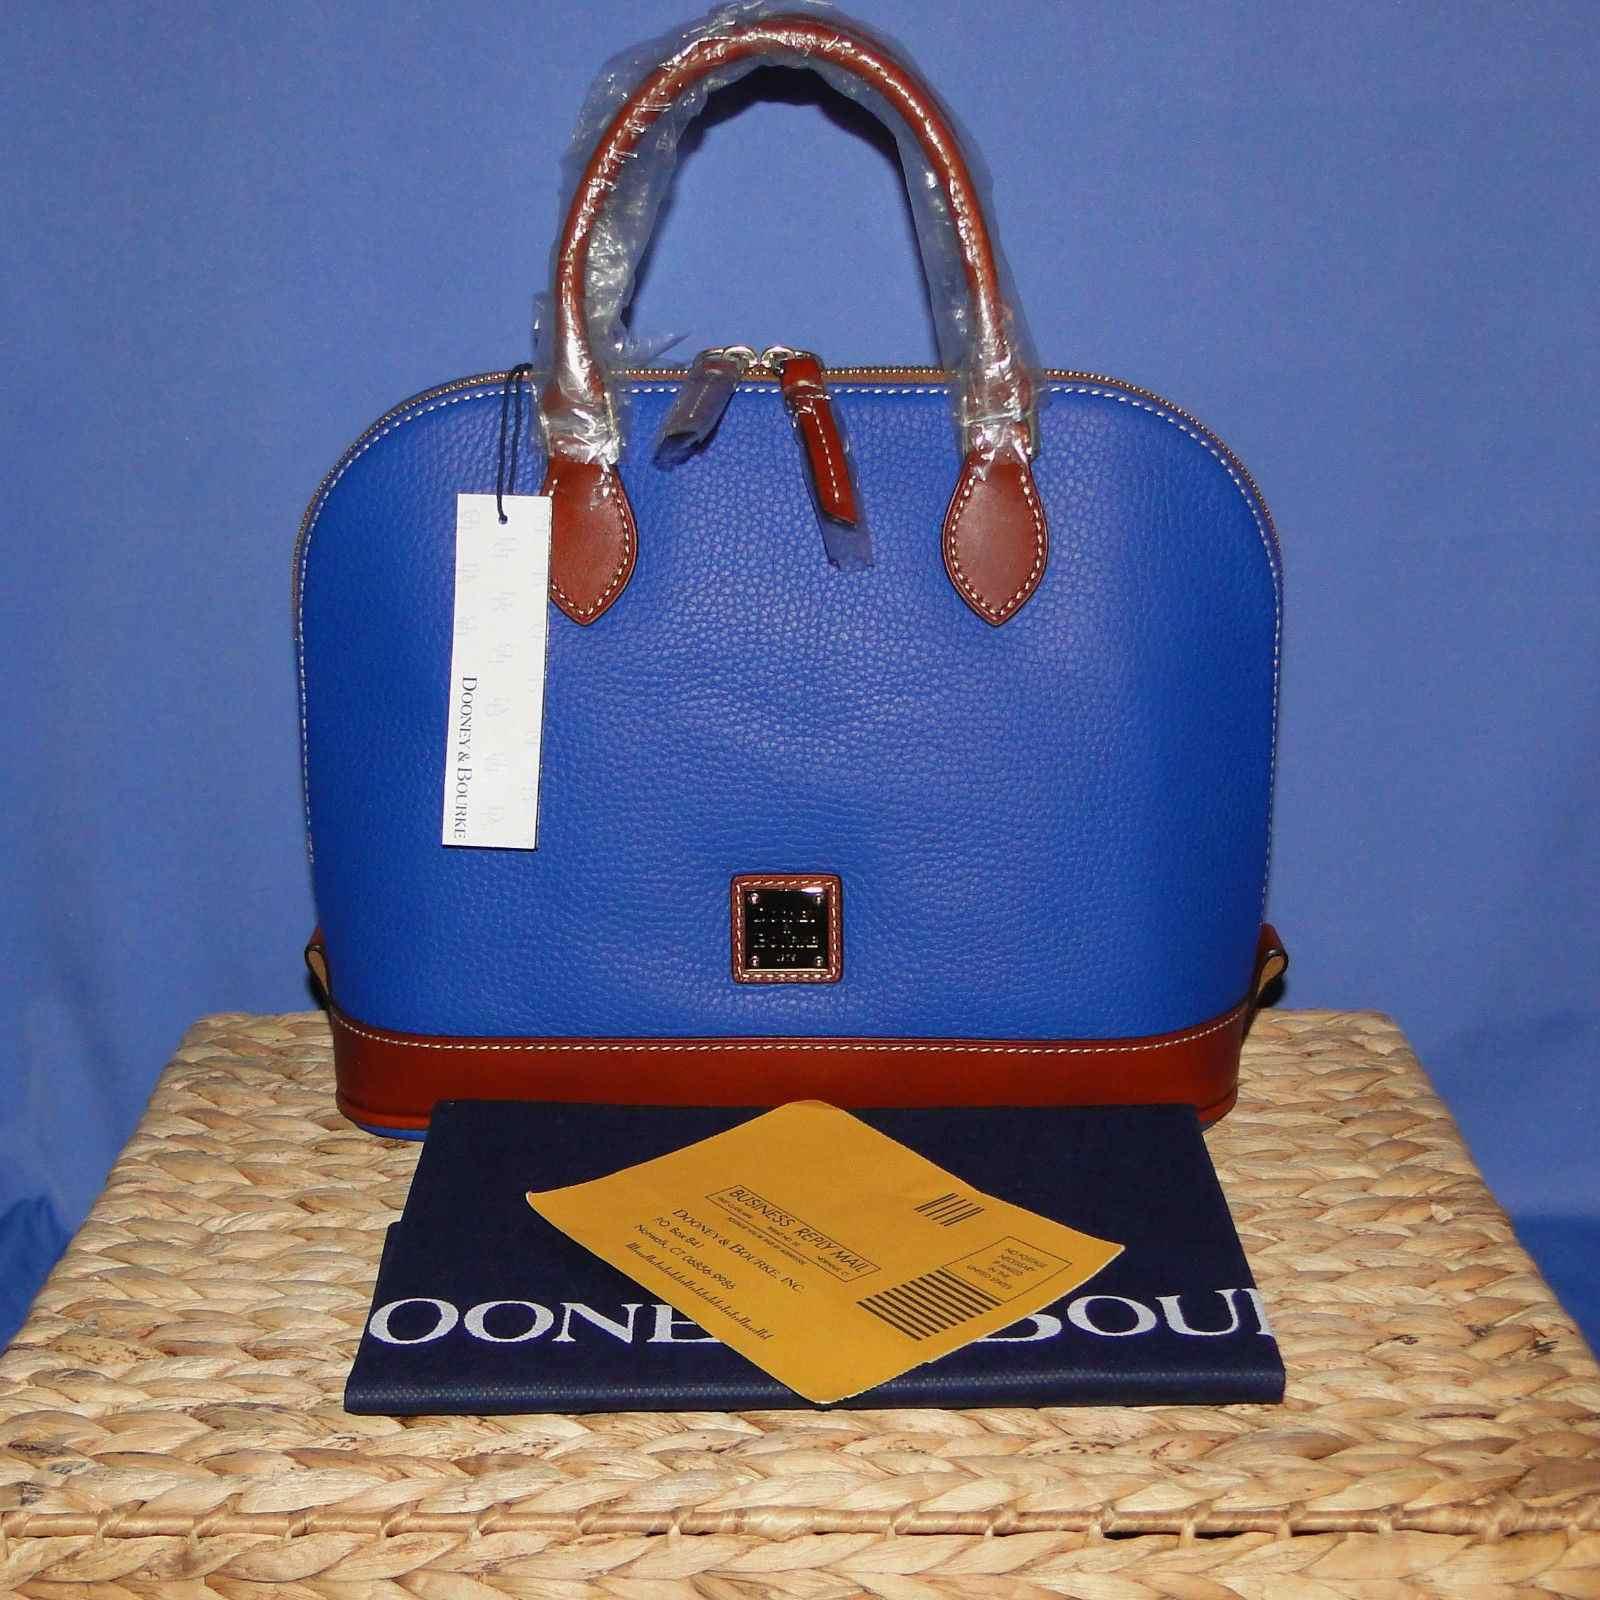 NWT Dooney & Bourke Pebble Leather Zip Zip Satchel French Blue